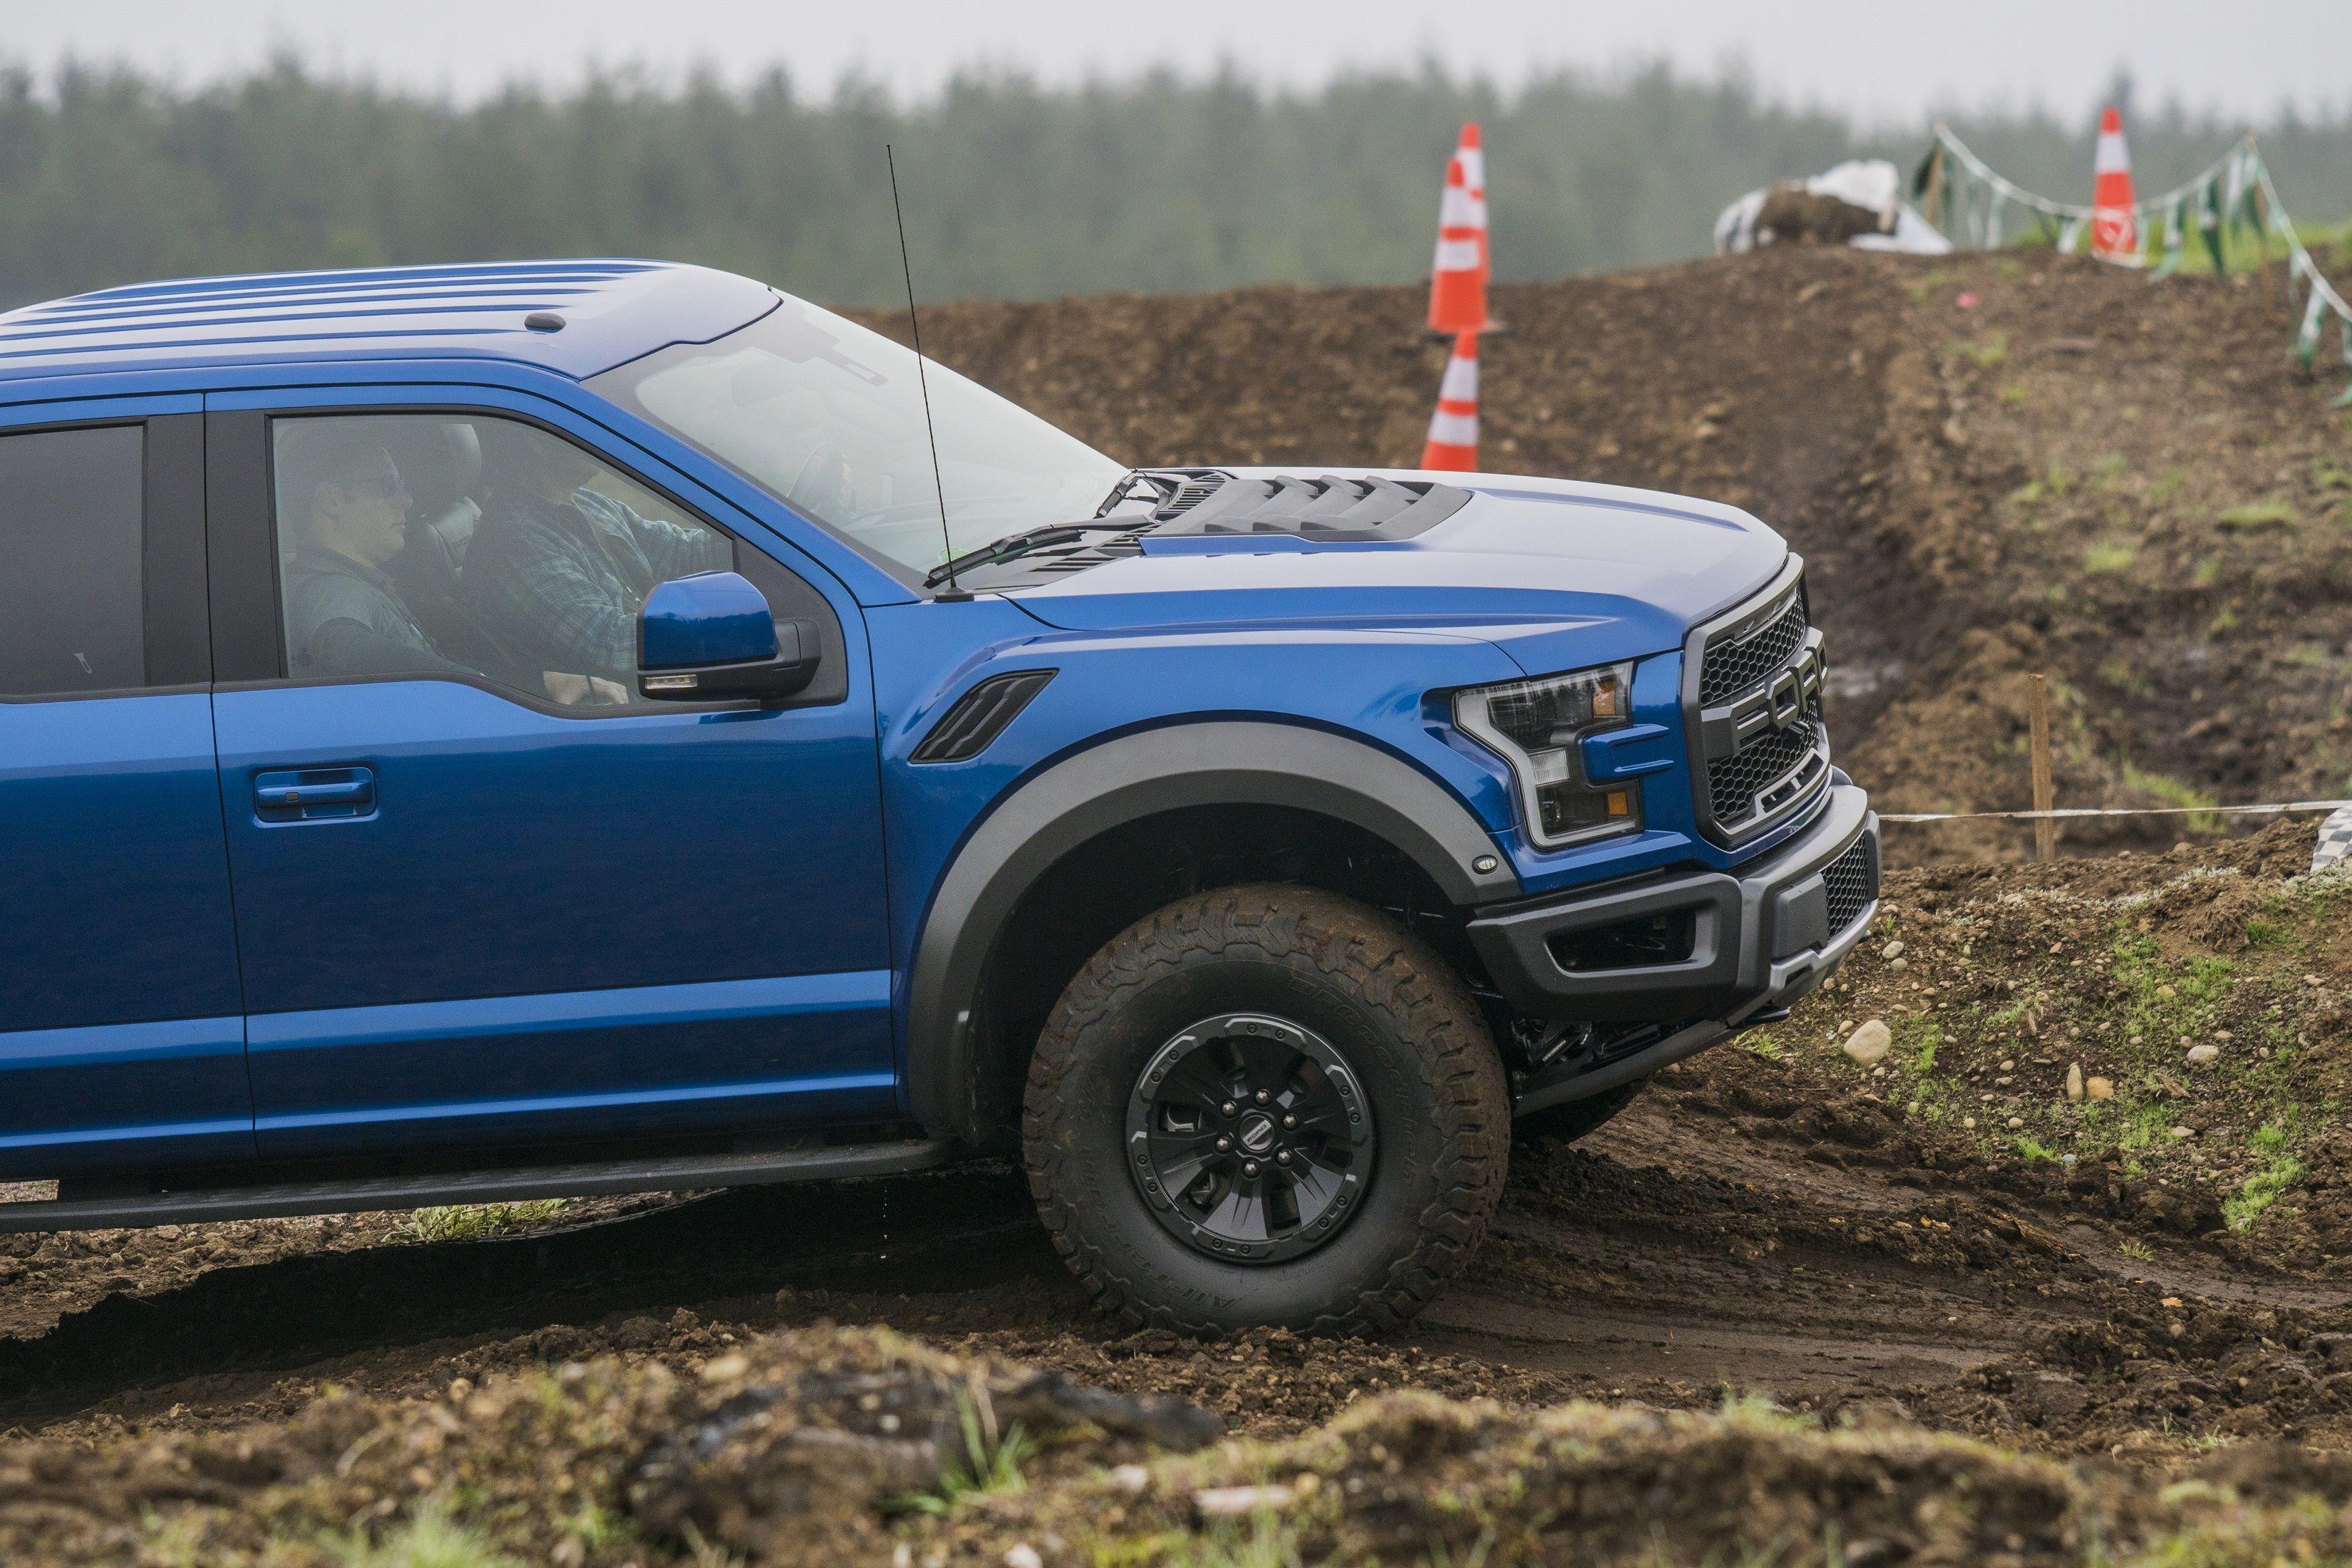 Se questa Ford F150 è l'auto più venduta d'America, un motivo ci sarà